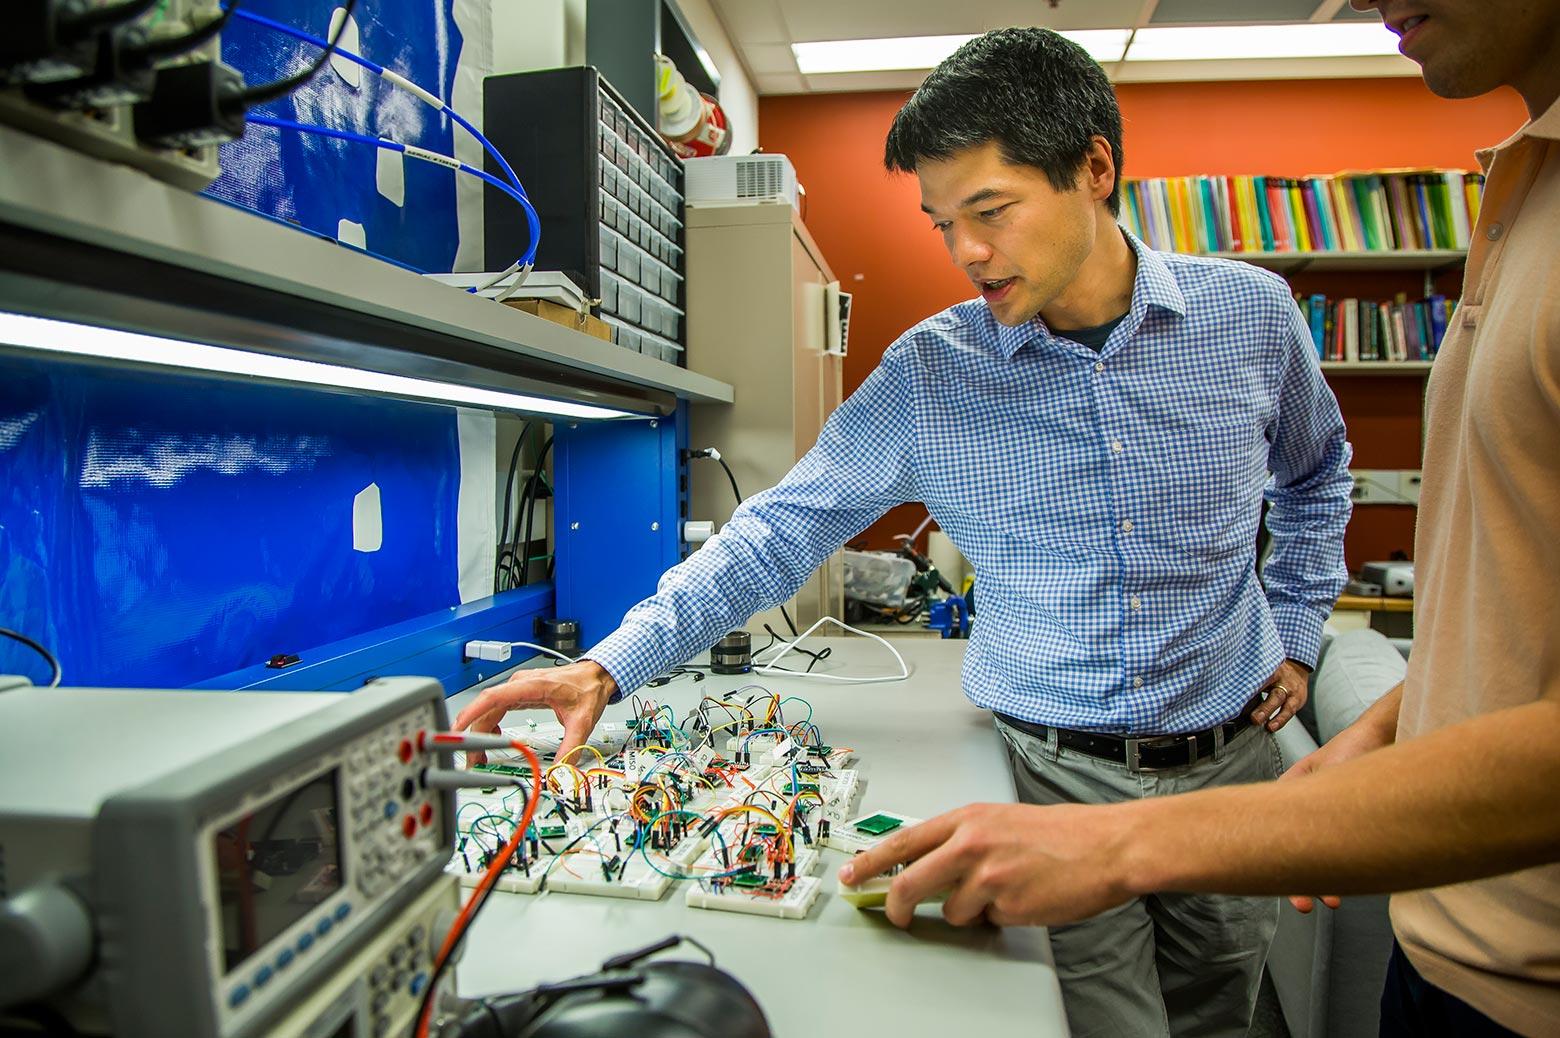 Scientist examines accelerometer sensor